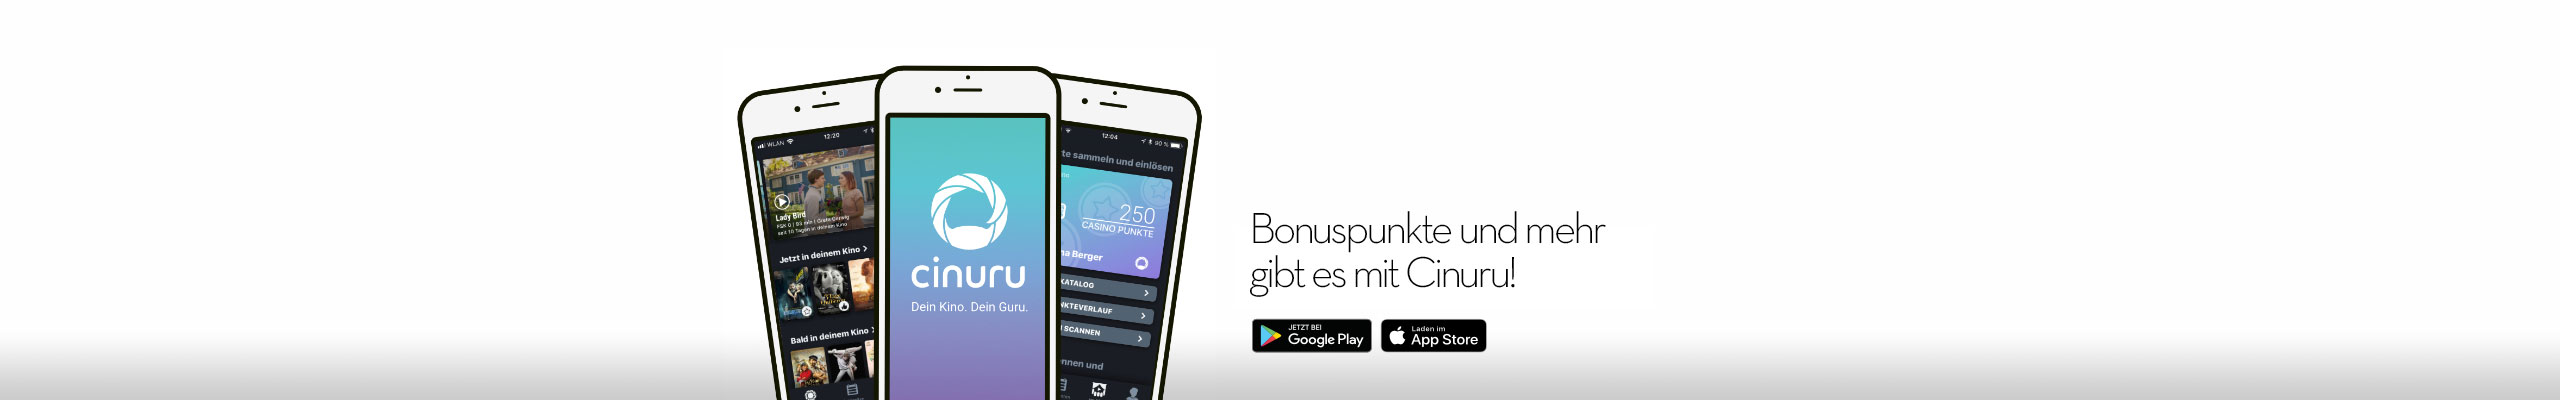 Bonuspunkte und mehr gibt es mit Cinuru!